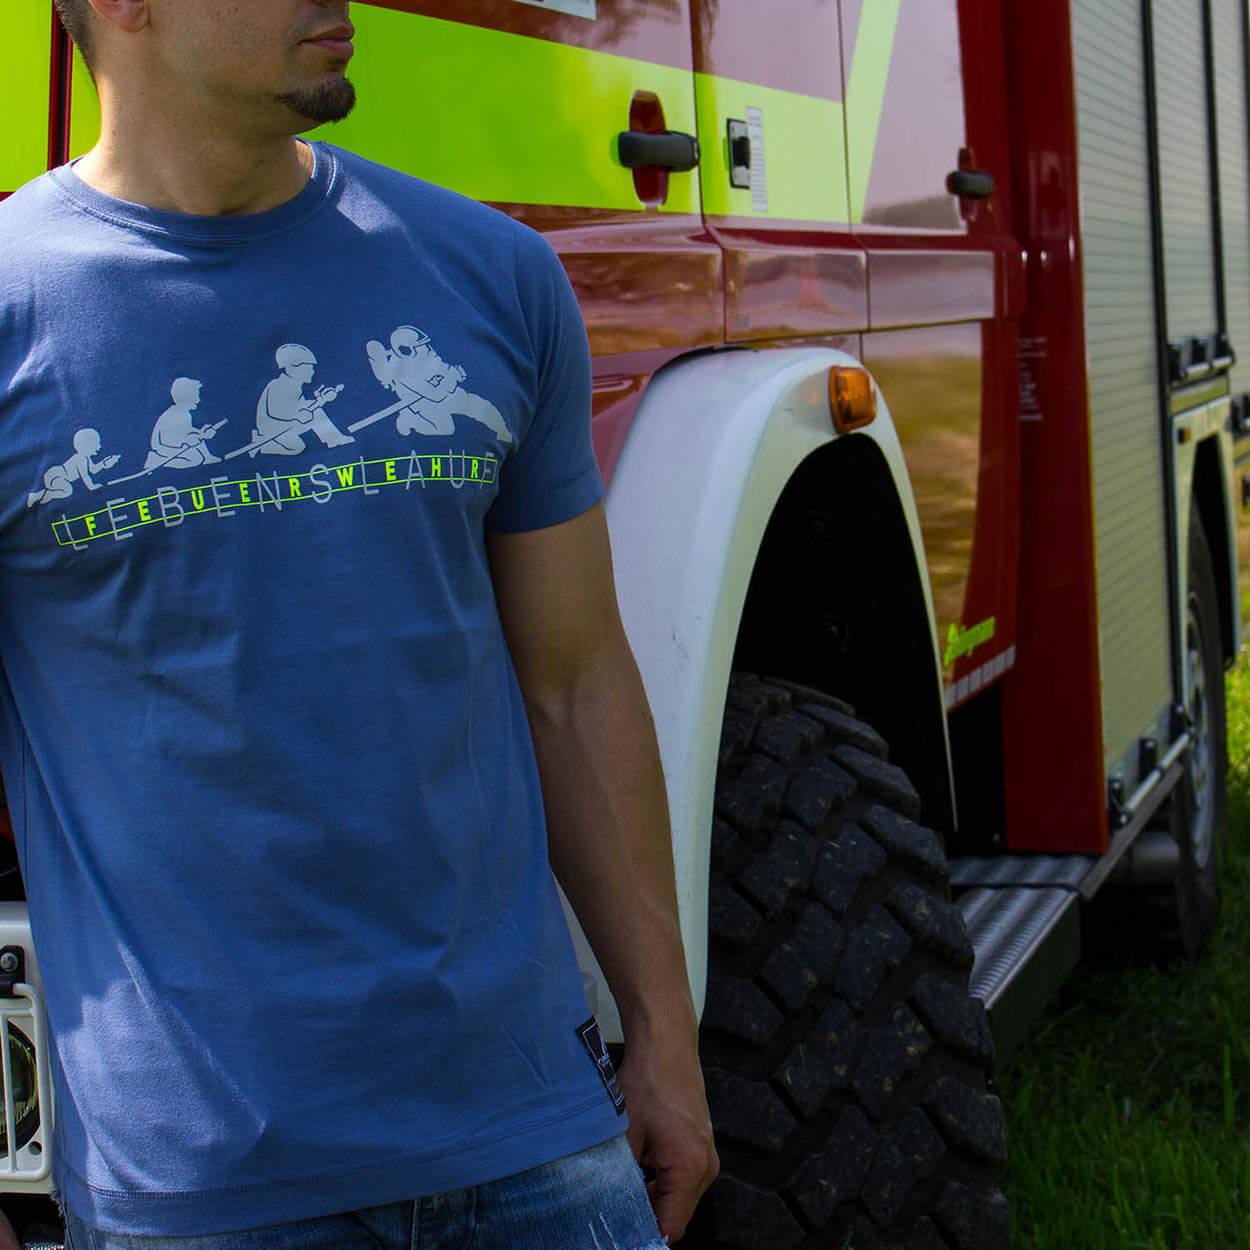 Feuerwehr Lebenslauf Design